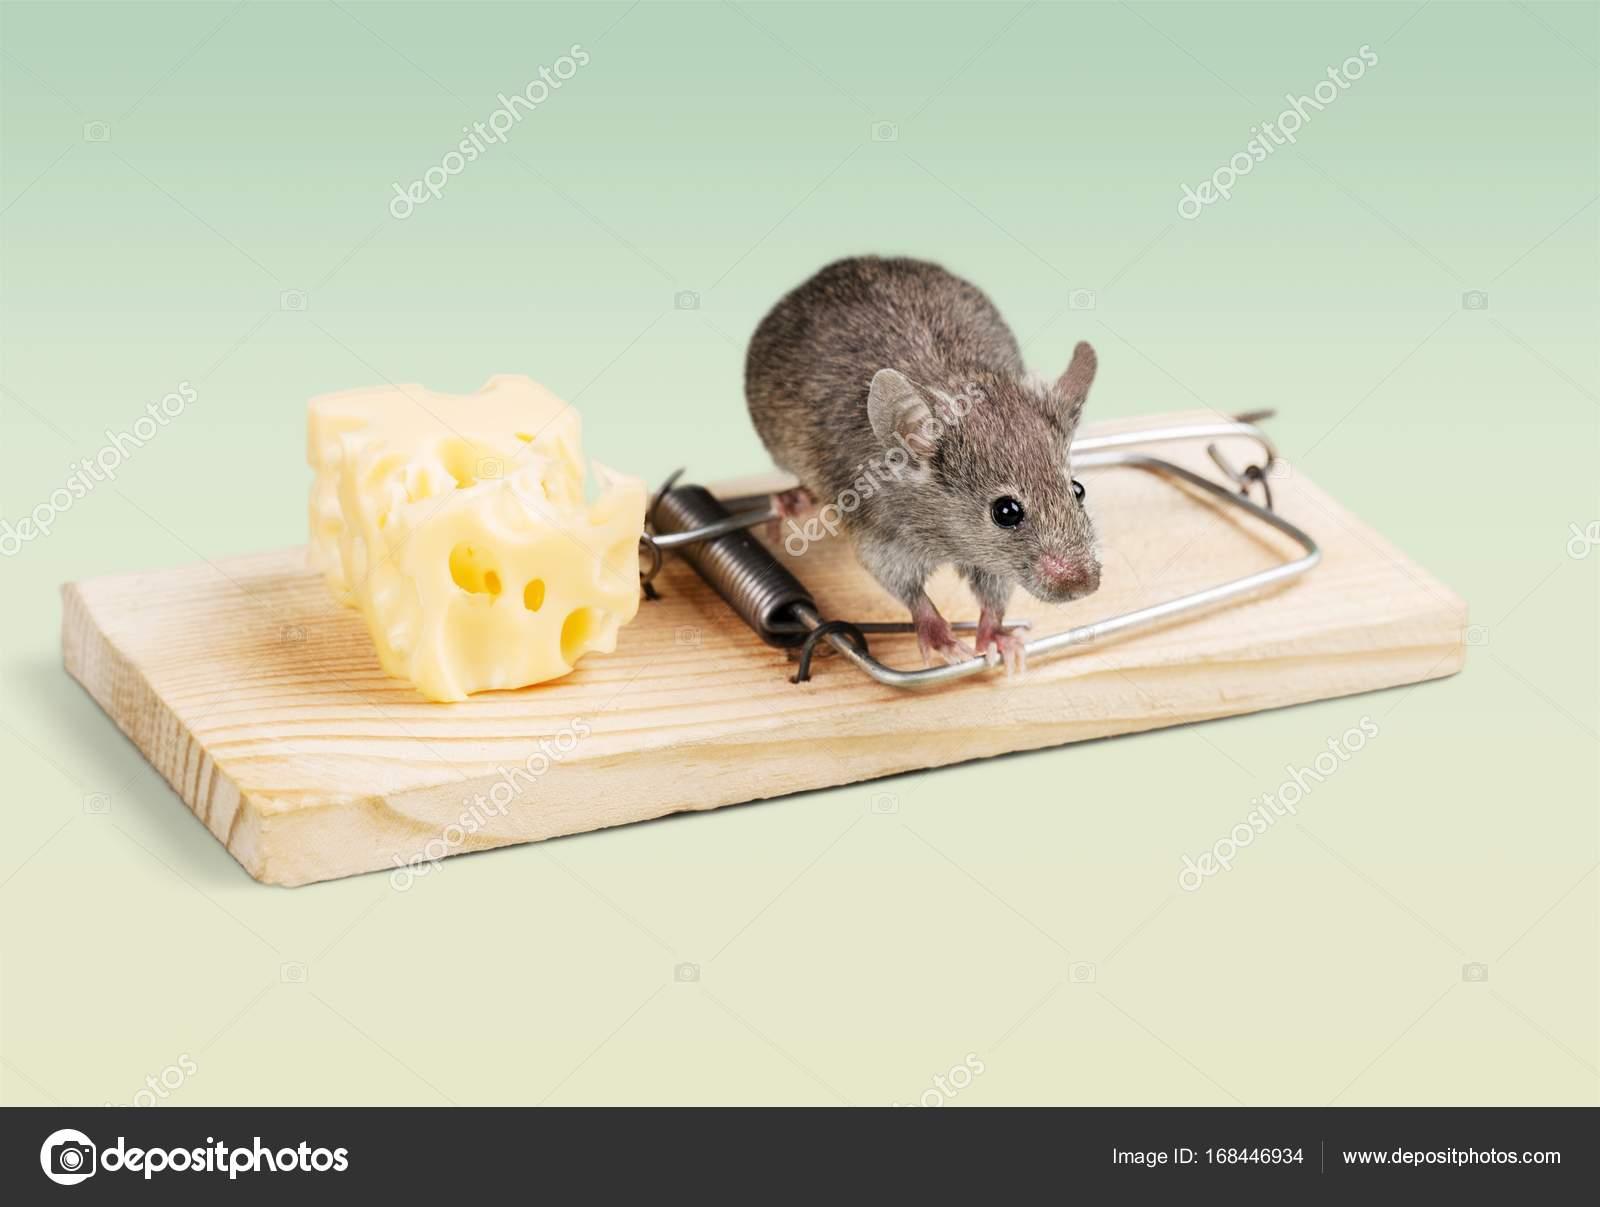 trampa con queso y el ratón — Foto de stock © billiondigital #168446934